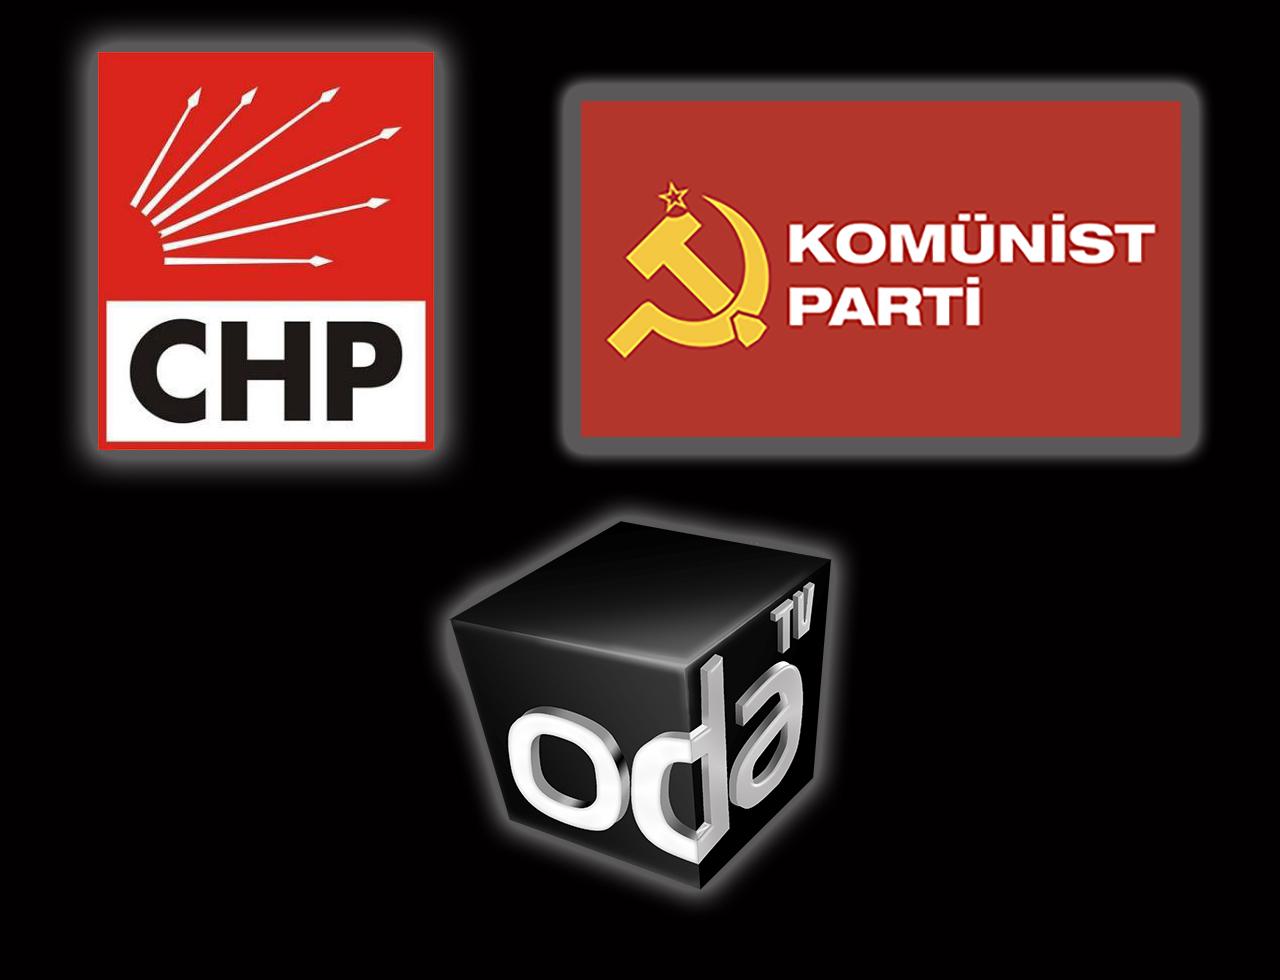 Bir OdaTV haberi üzerine: Komünistlerin CHP tartışmalarında yeri var mı?